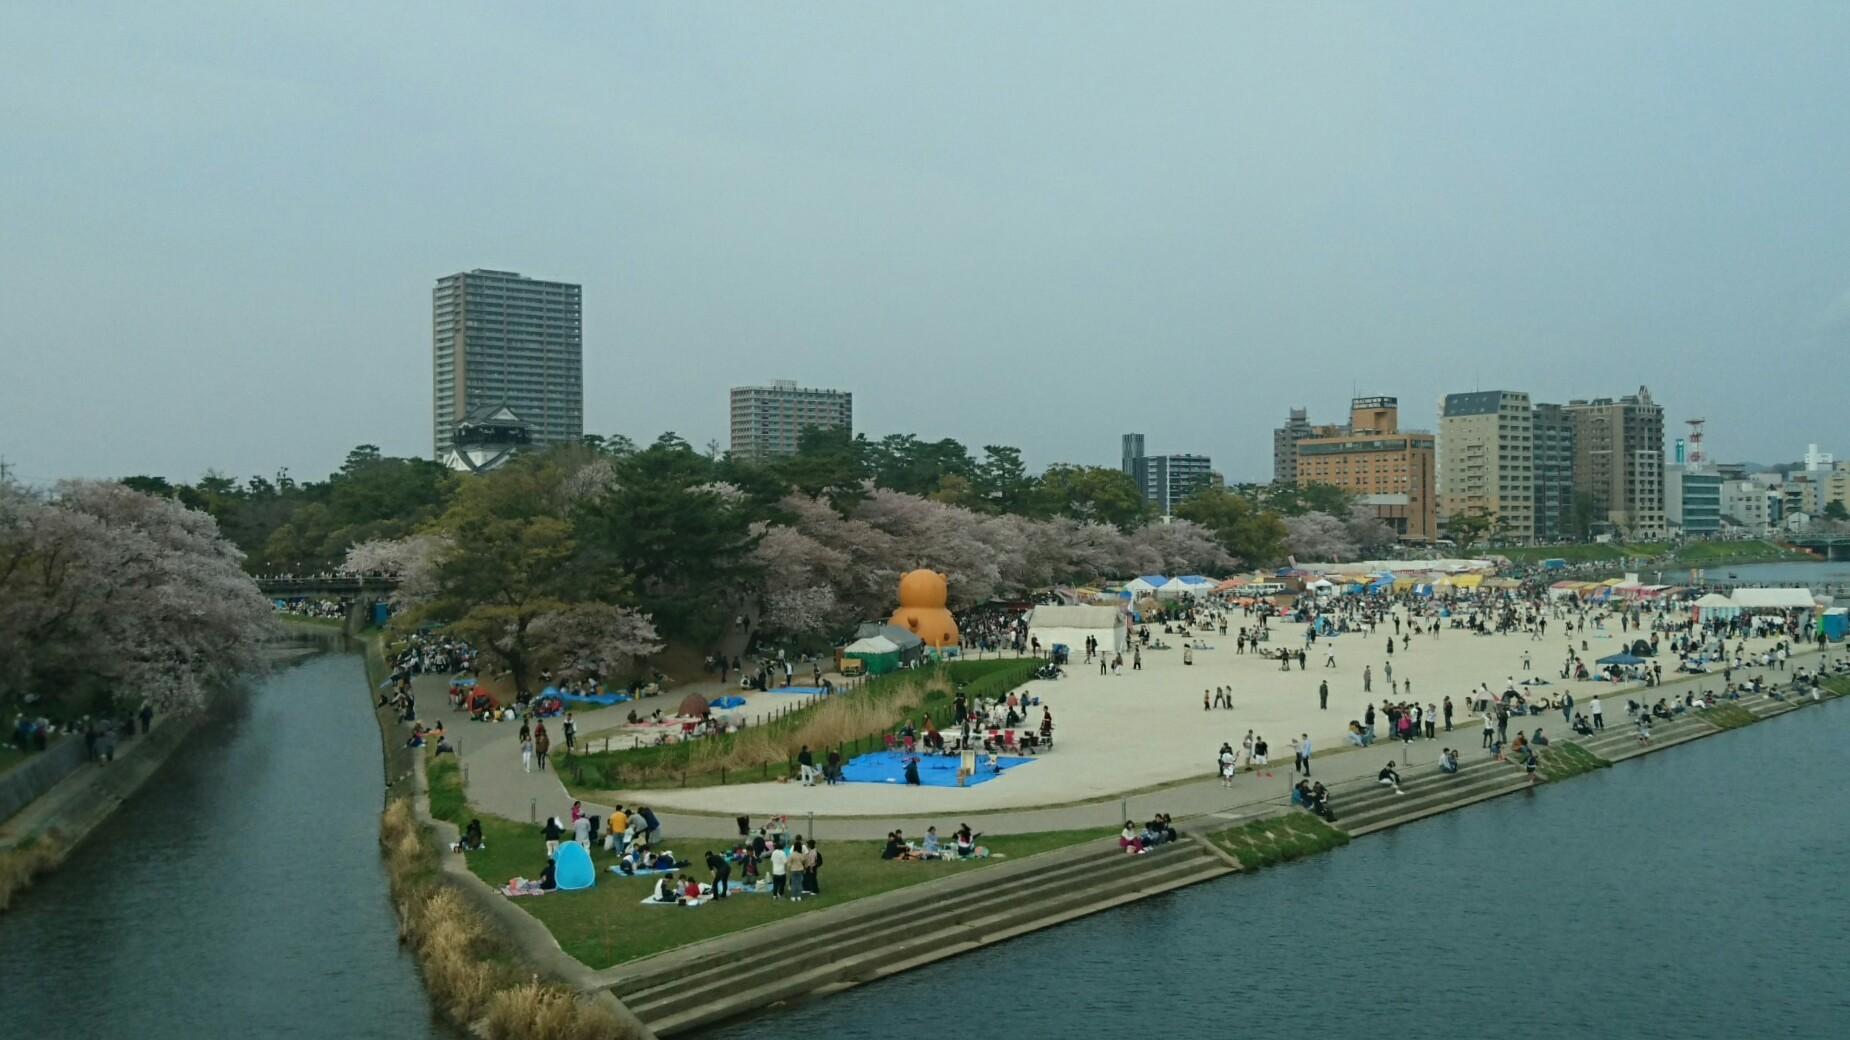 2018.4.1 東岡崎 (10) 東岡崎いきふつう - 菅生川をわたる 1850-1040